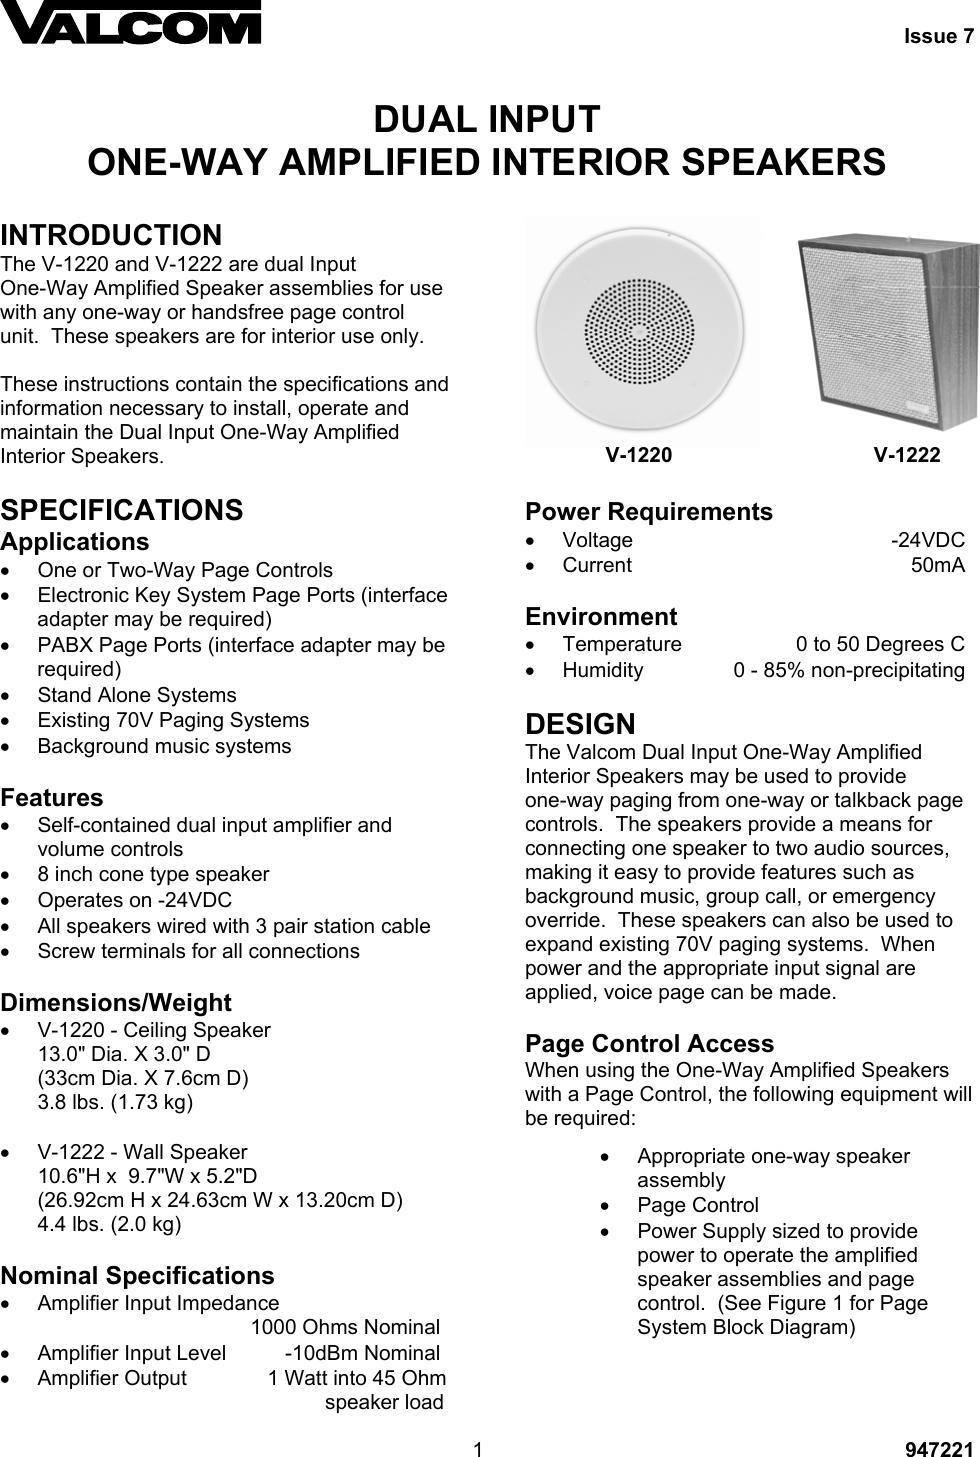 Valcom Speaker V 1220 Users Manual 947221_ISS7 on